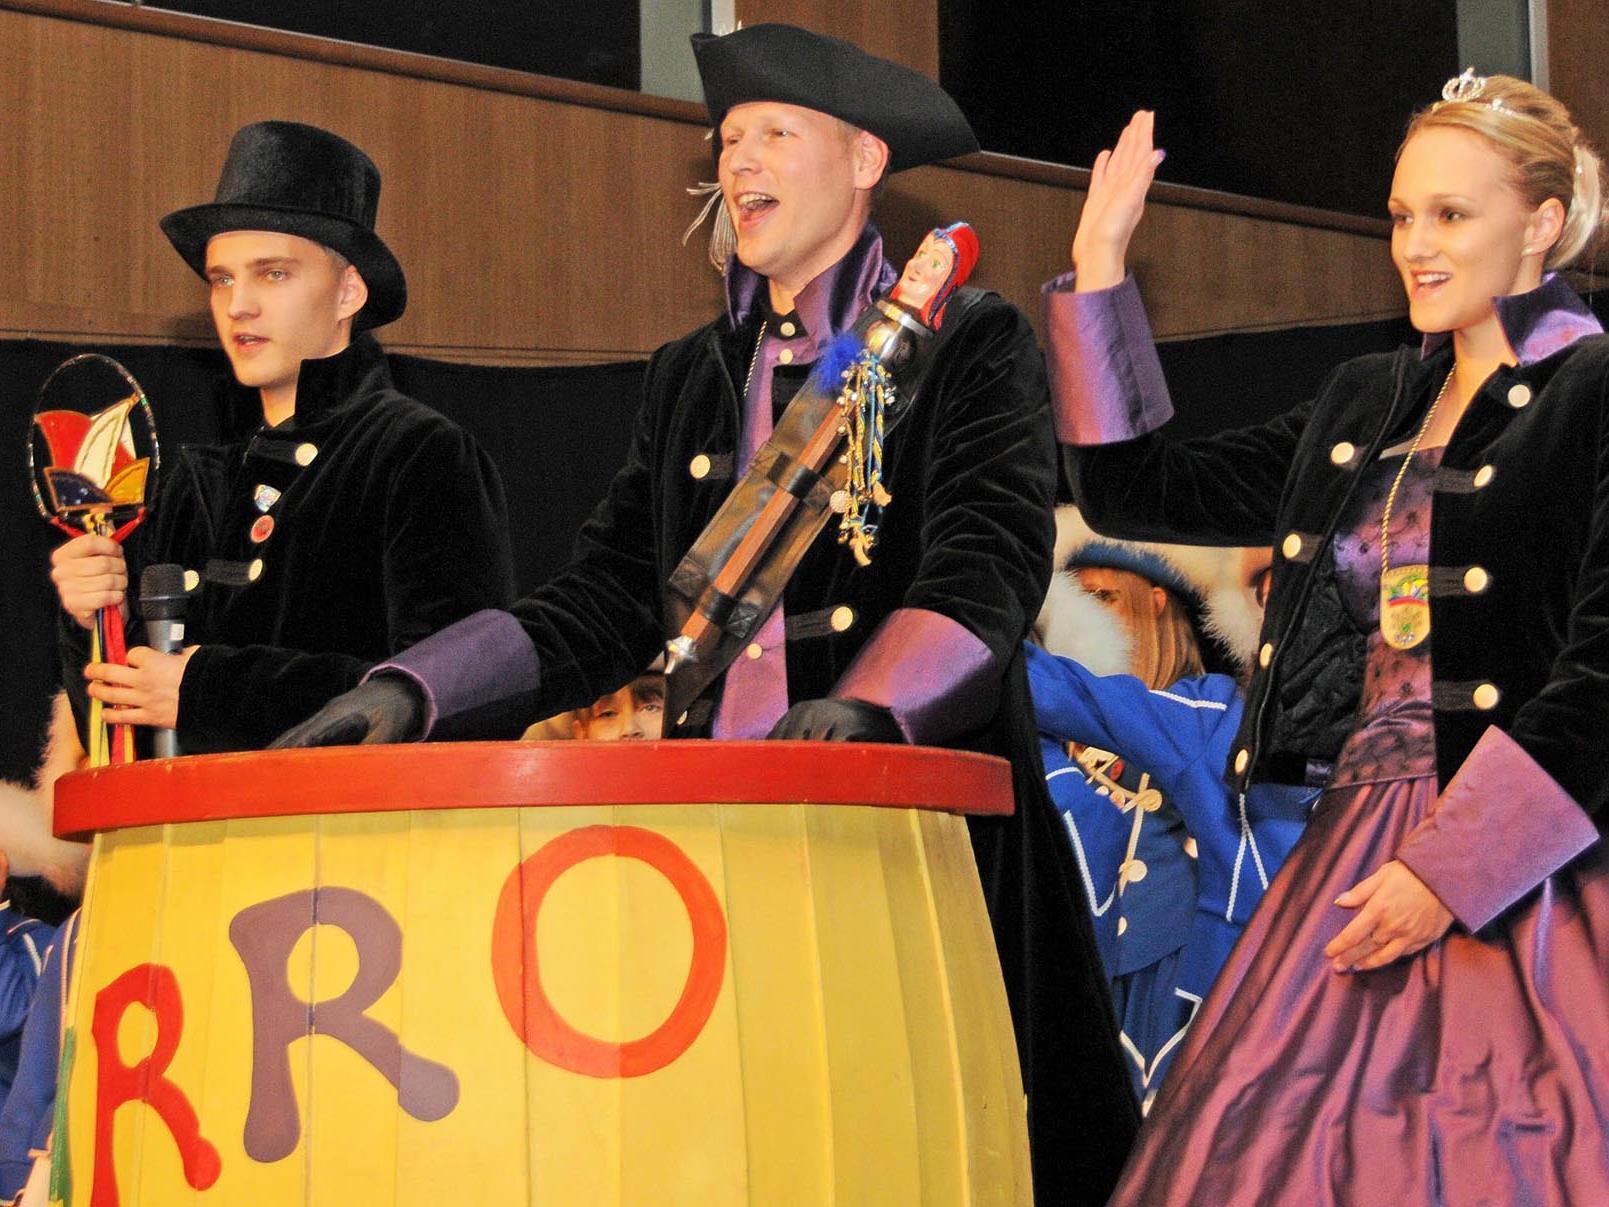 """Mit einem kräftigen """"Narro hoi!"""" leitete das Prinzenpaar den 45. Höchster Zunftball ein."""